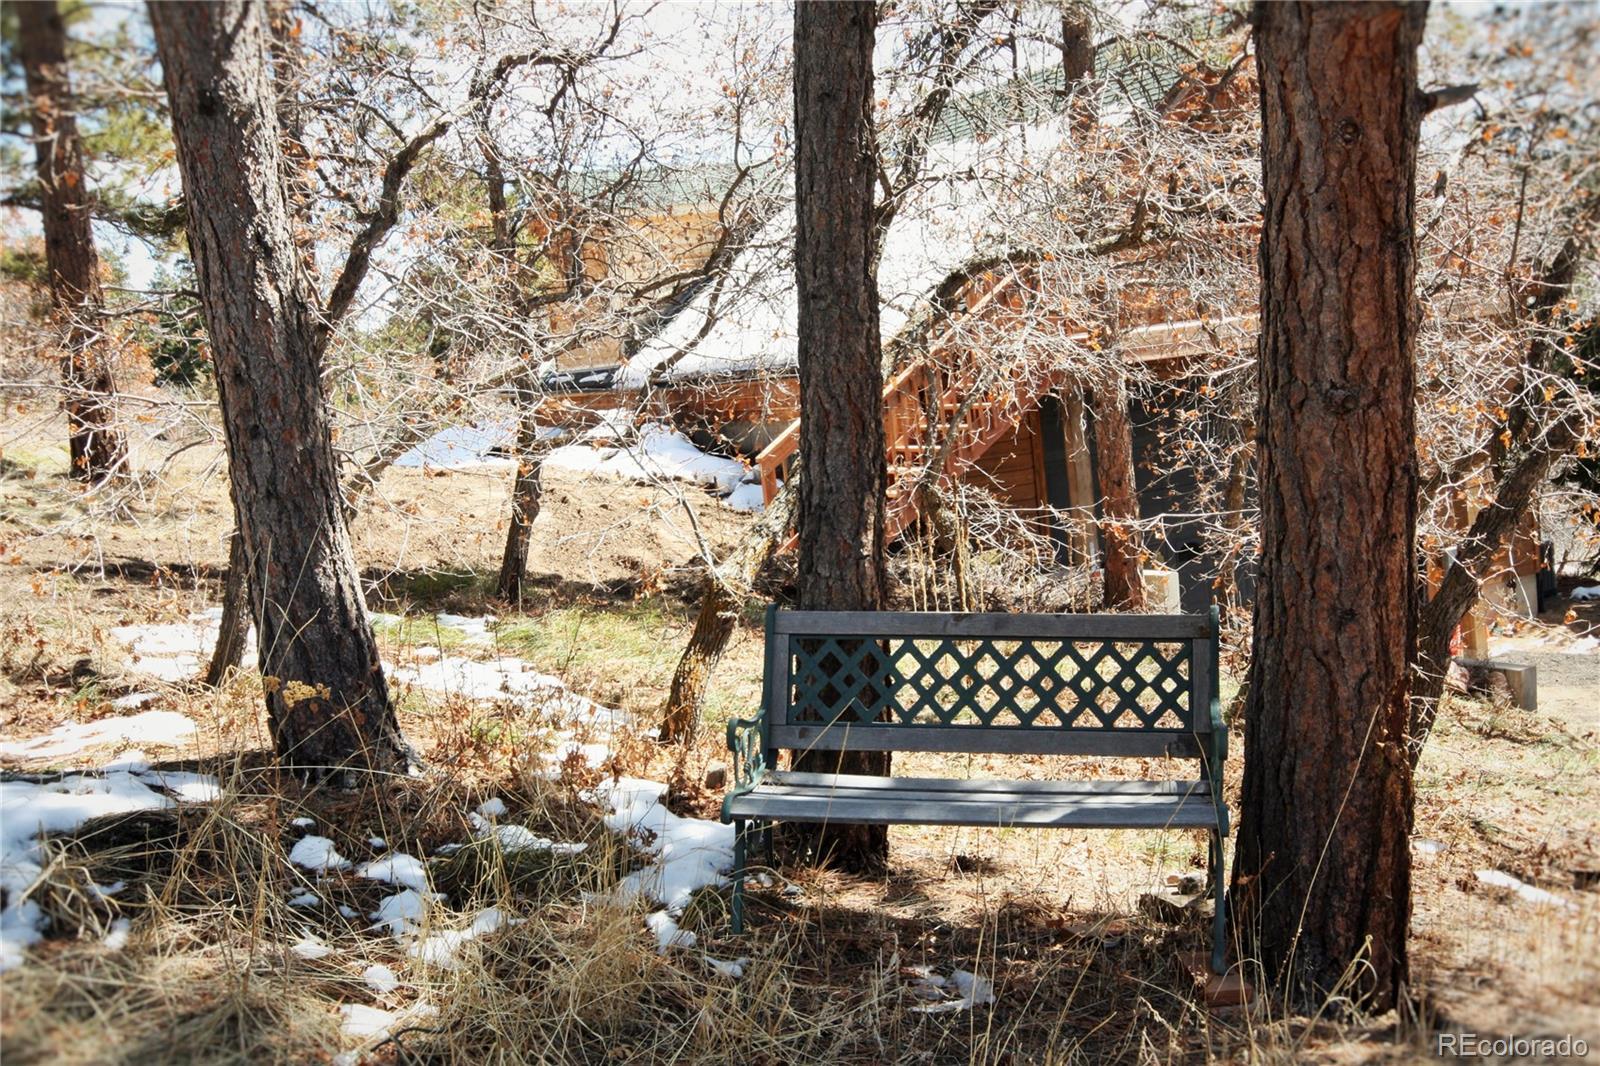 MLS# 5313125 - 5 - 11911 Antler Trail, Littleton, CO 80127